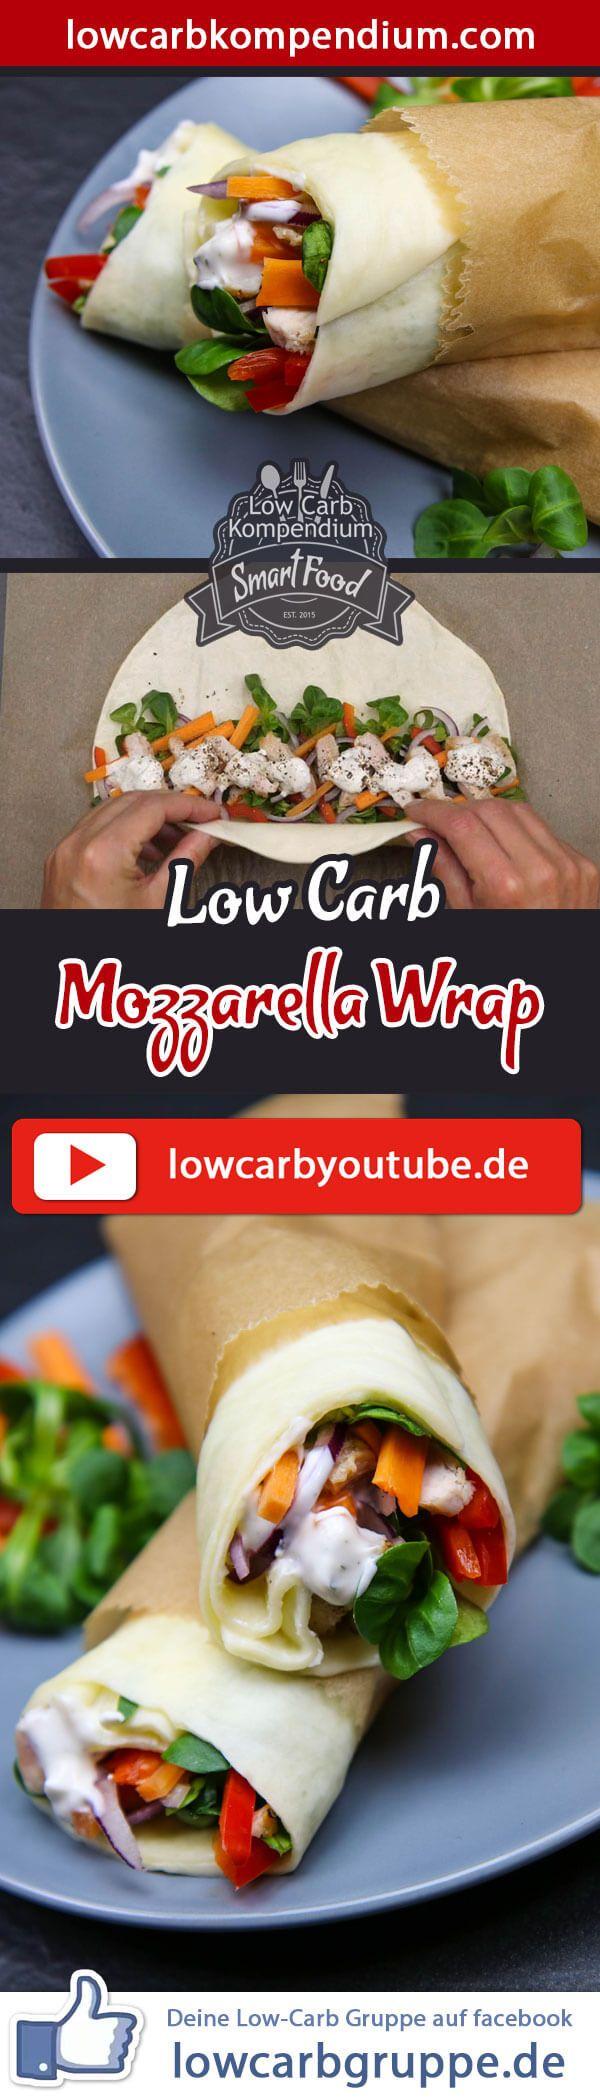 (Low Carb Kompendium) – Der Mozzarella Wrap ist unglaublich beliebt und in aller Munde. Der eigentliche Wrap besteht nur ais einer einzigen Zutat und du kannst den Mozzarella Wrap anschließend mit deinen Lieblingszutaten ganz nach deinen Wünschen füllen :)    Der Low-Carb Mozzarella Wrap ist ideal als Snack oder zum Frühstück. Wir zeigen dir, wie Du diesen leckeren Wrap aus Mozzarella ganz einfach selbst machen kannst :)